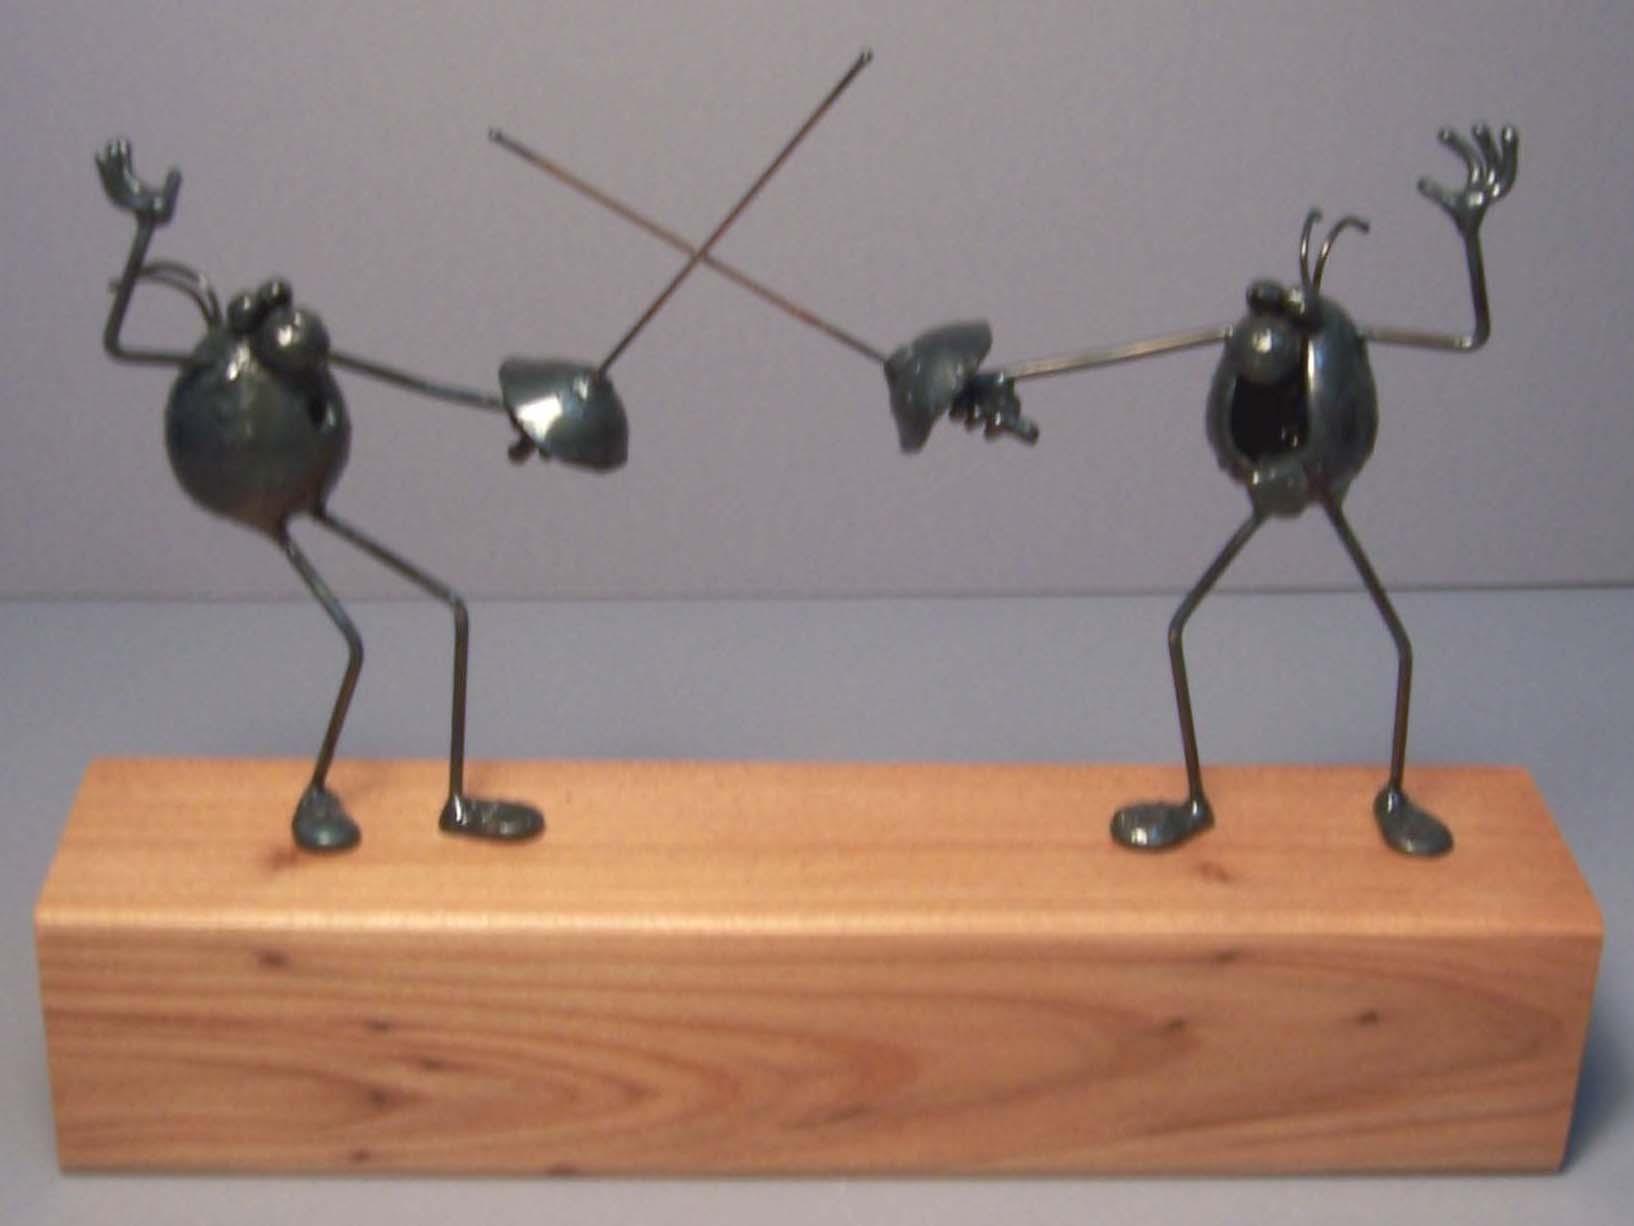 Fencing scene, 2 flea